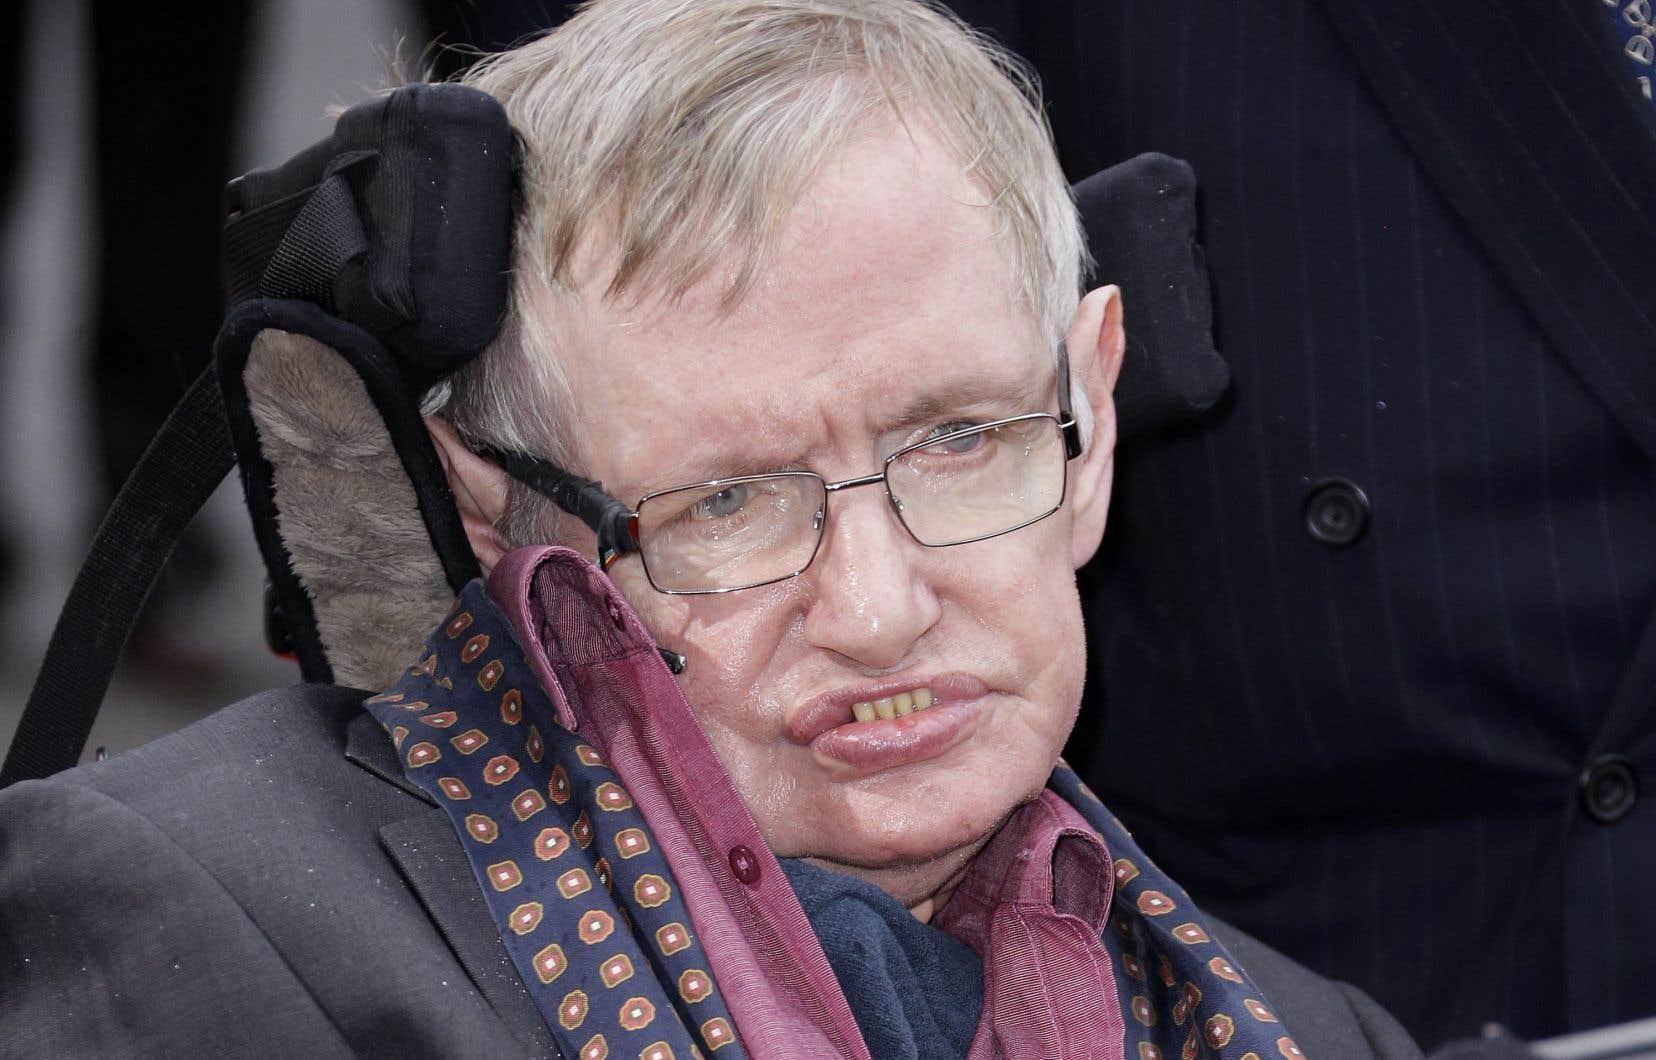 La recherche de M.Hawking suggère que le nombre possible d'univers est beaucoup plus restreint qu'on le croyait jusqu'à présent.